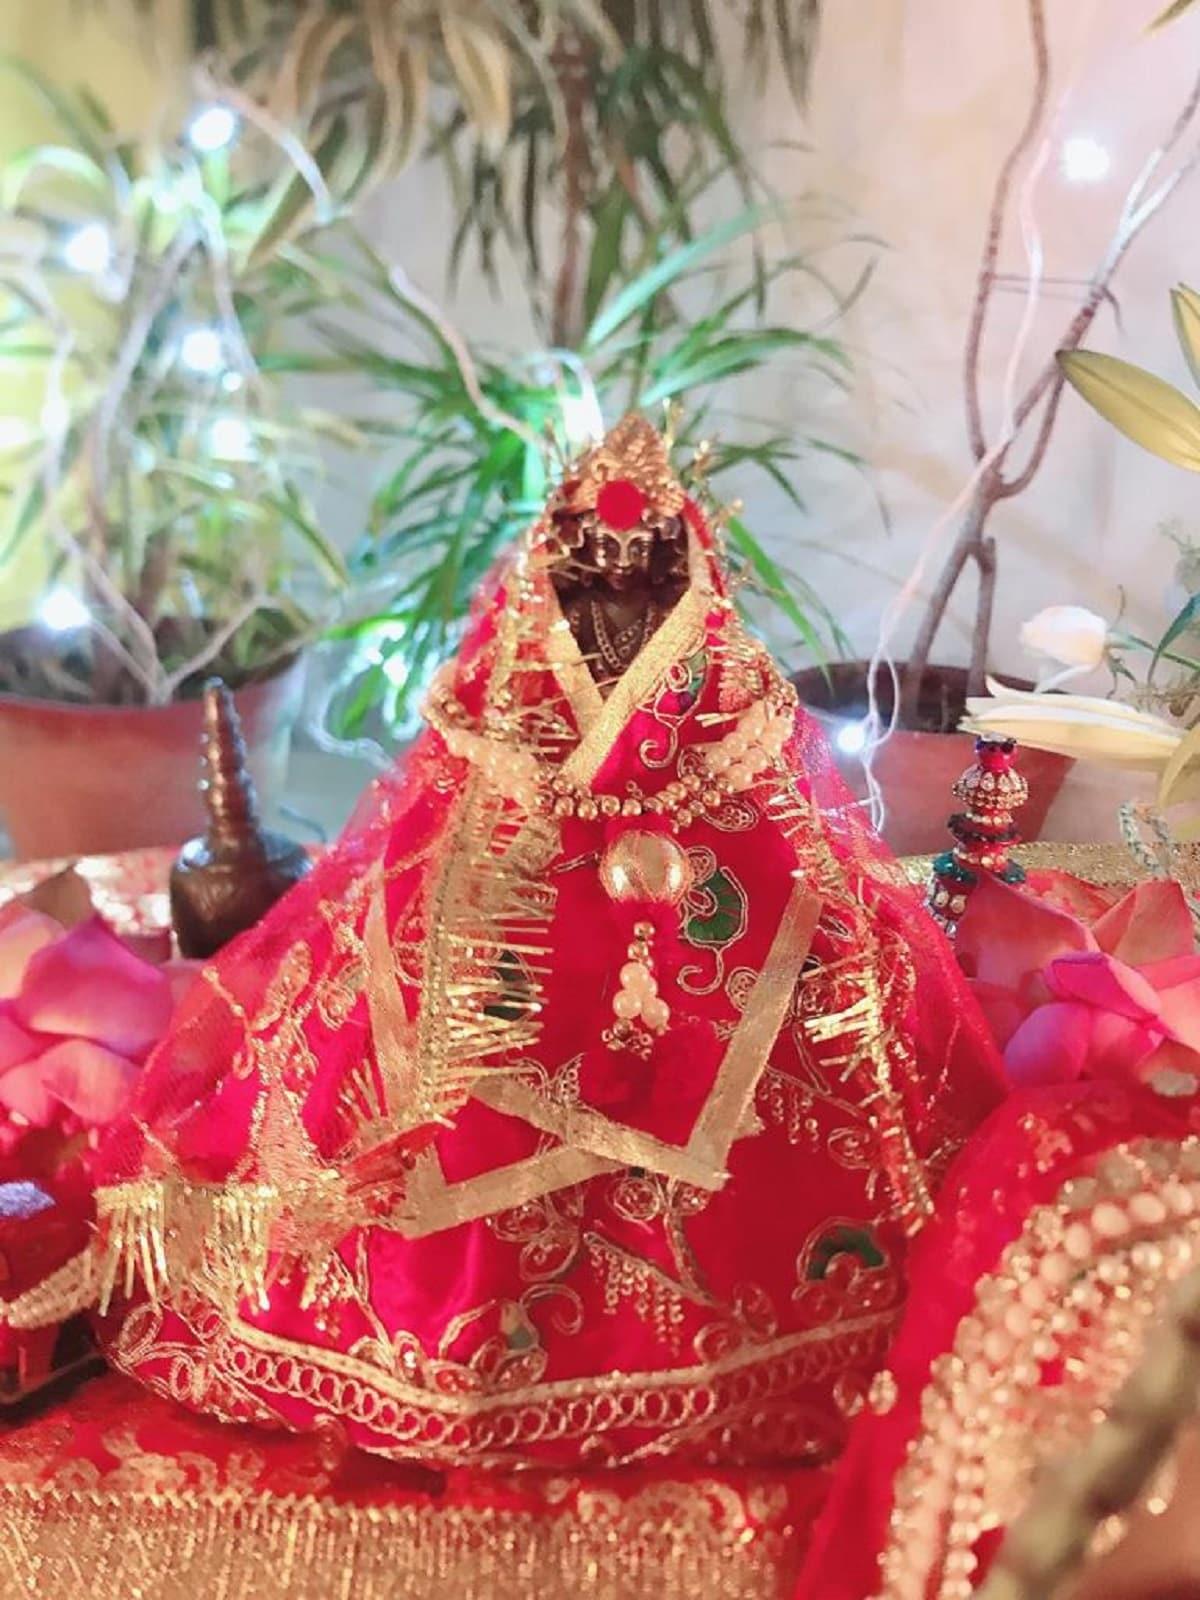 একাই সমস্ত আয়োজন করেছেন পল্লবী। মা লক্ষ্মীকে সাজানো, থেকে প্রসাদ সব কিছু নিজের হাতে করেছেন তিনি।